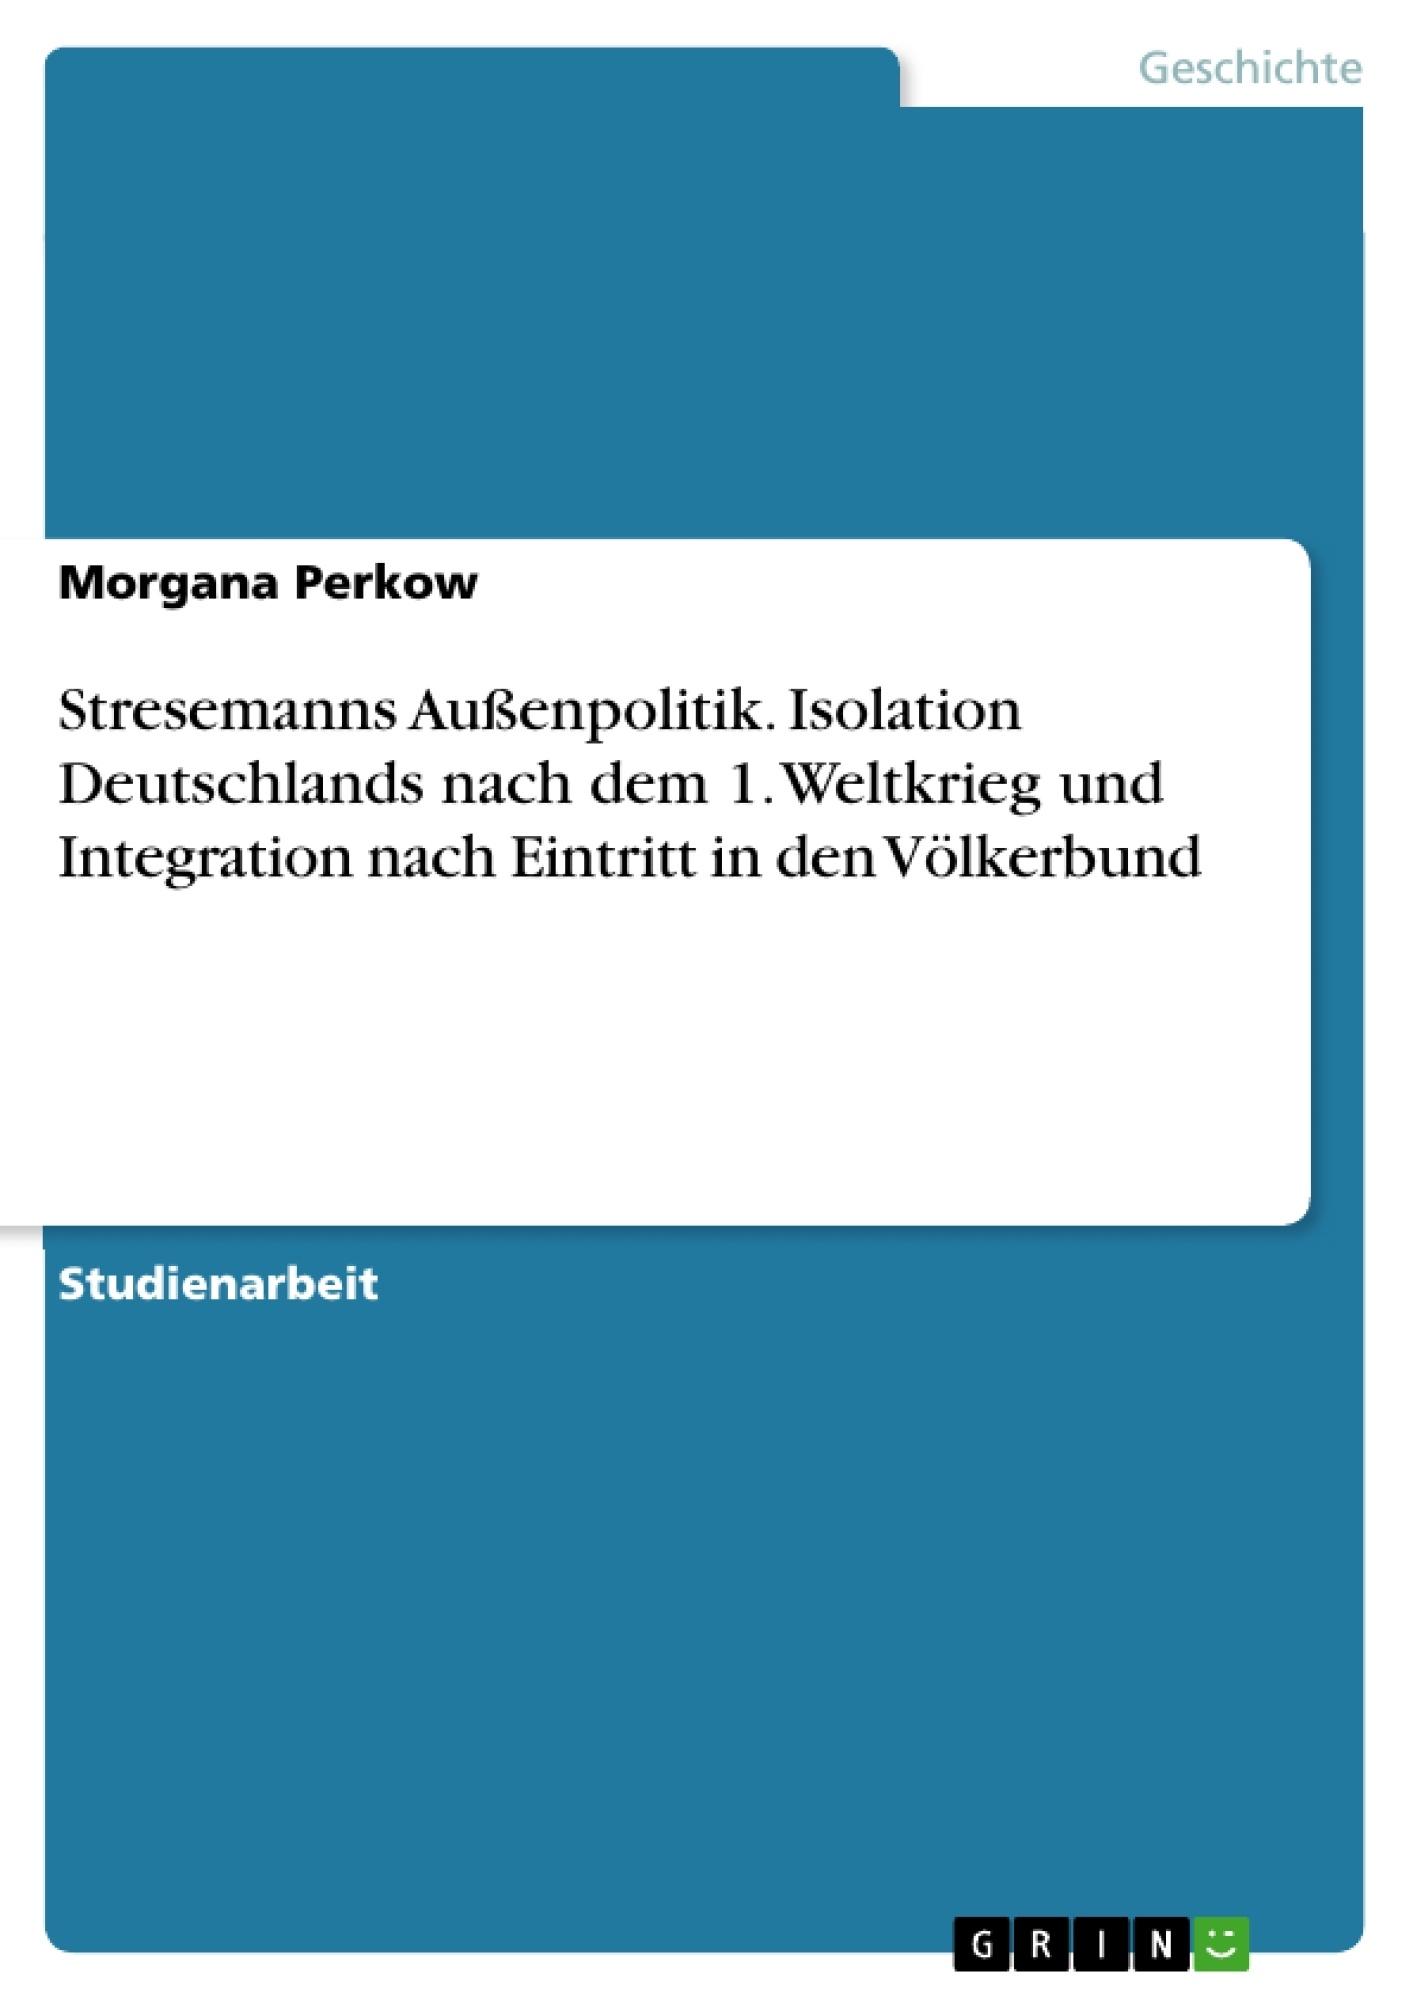 Titel: Stresemanns Außenpolitik. Isolation Deutschlands nach dem 1. Weltkrieg und Integration nach Eintritt in den Völkerbund